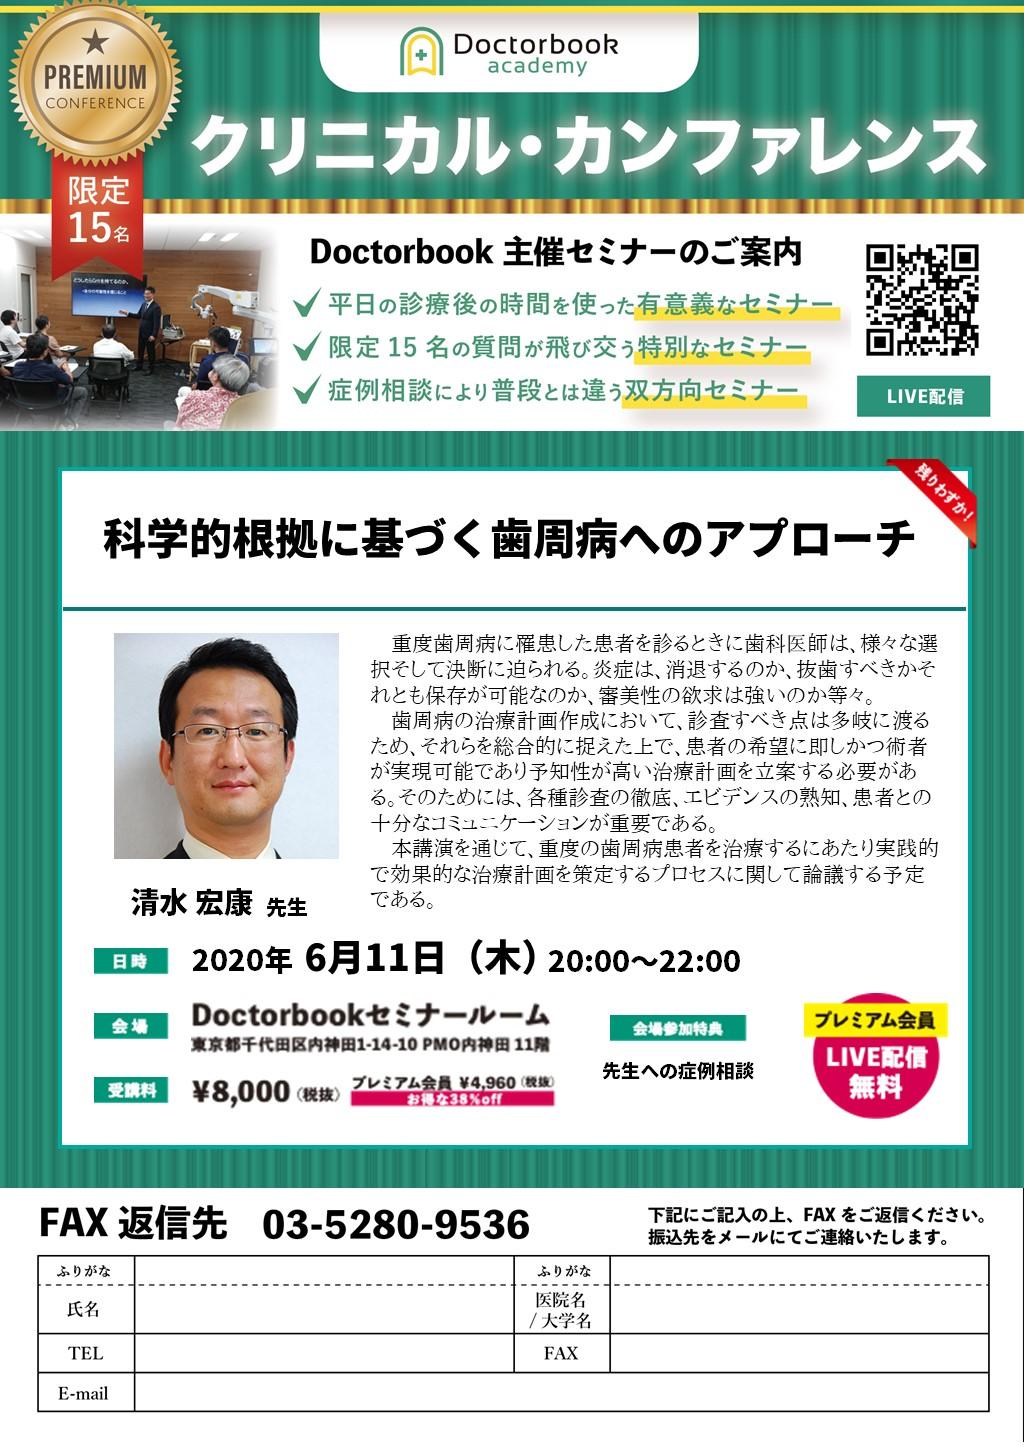 「科学的根拠に基づく歯周病へのアプローチ」清水 宏康 先生クリニカル・カンファレンス